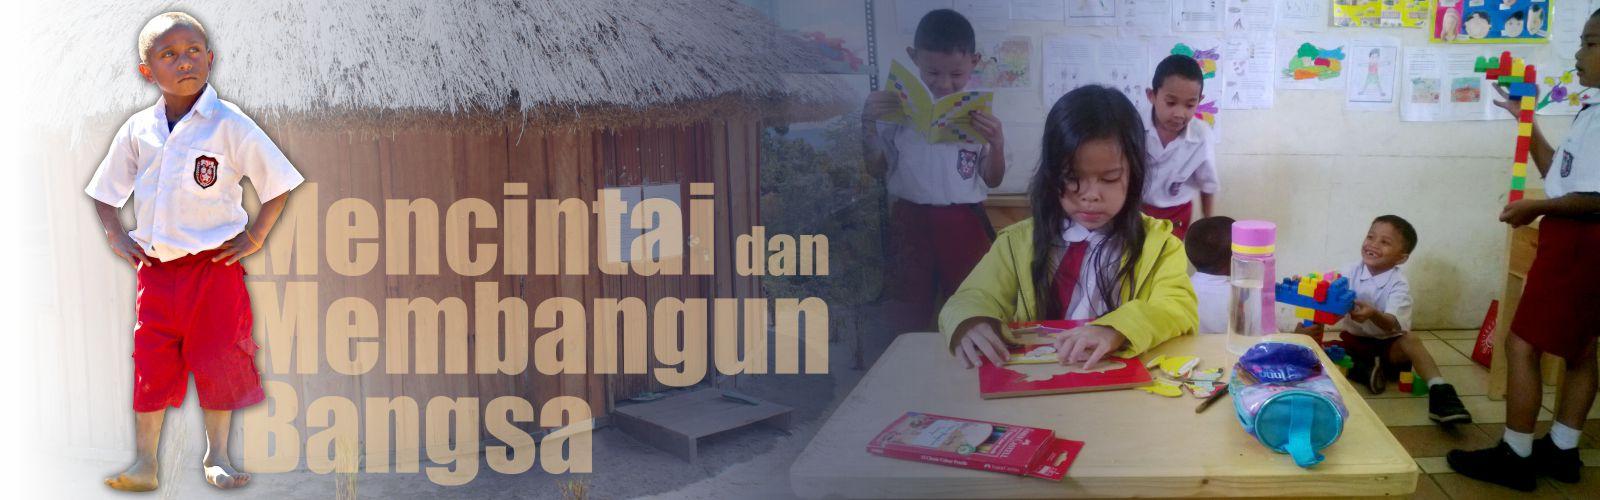 mencintai dan membangun bangsa_apel_anak pelaku pembelajaran_sekolah anak indonesia_sai